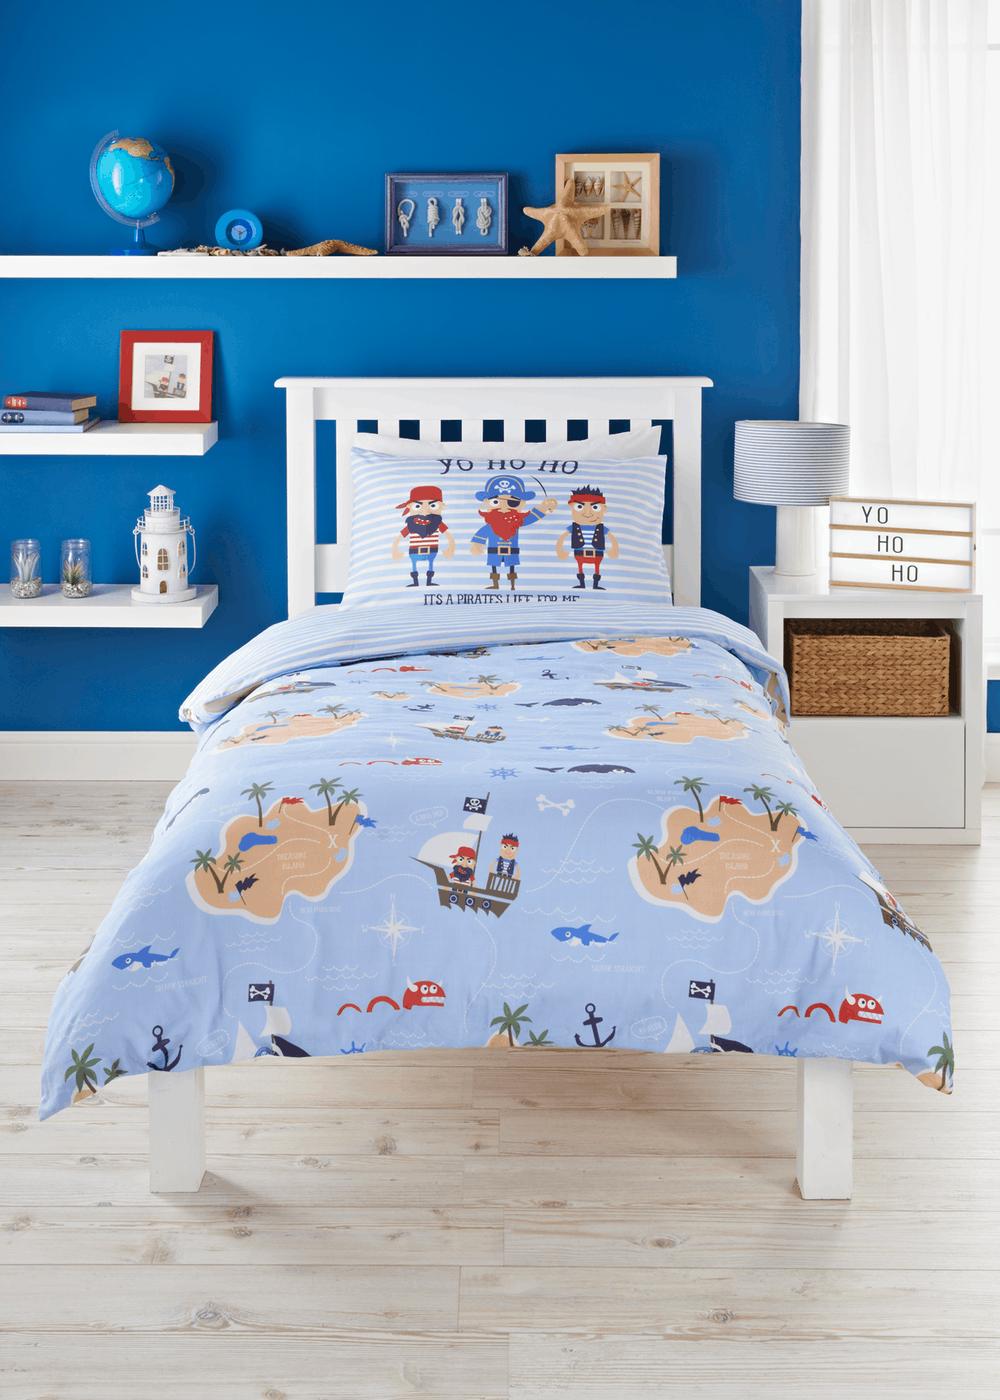 Baby Pirates Boys Duvet Sets Blue Bedding Children Duvet Covers Curtains 100% Cotton